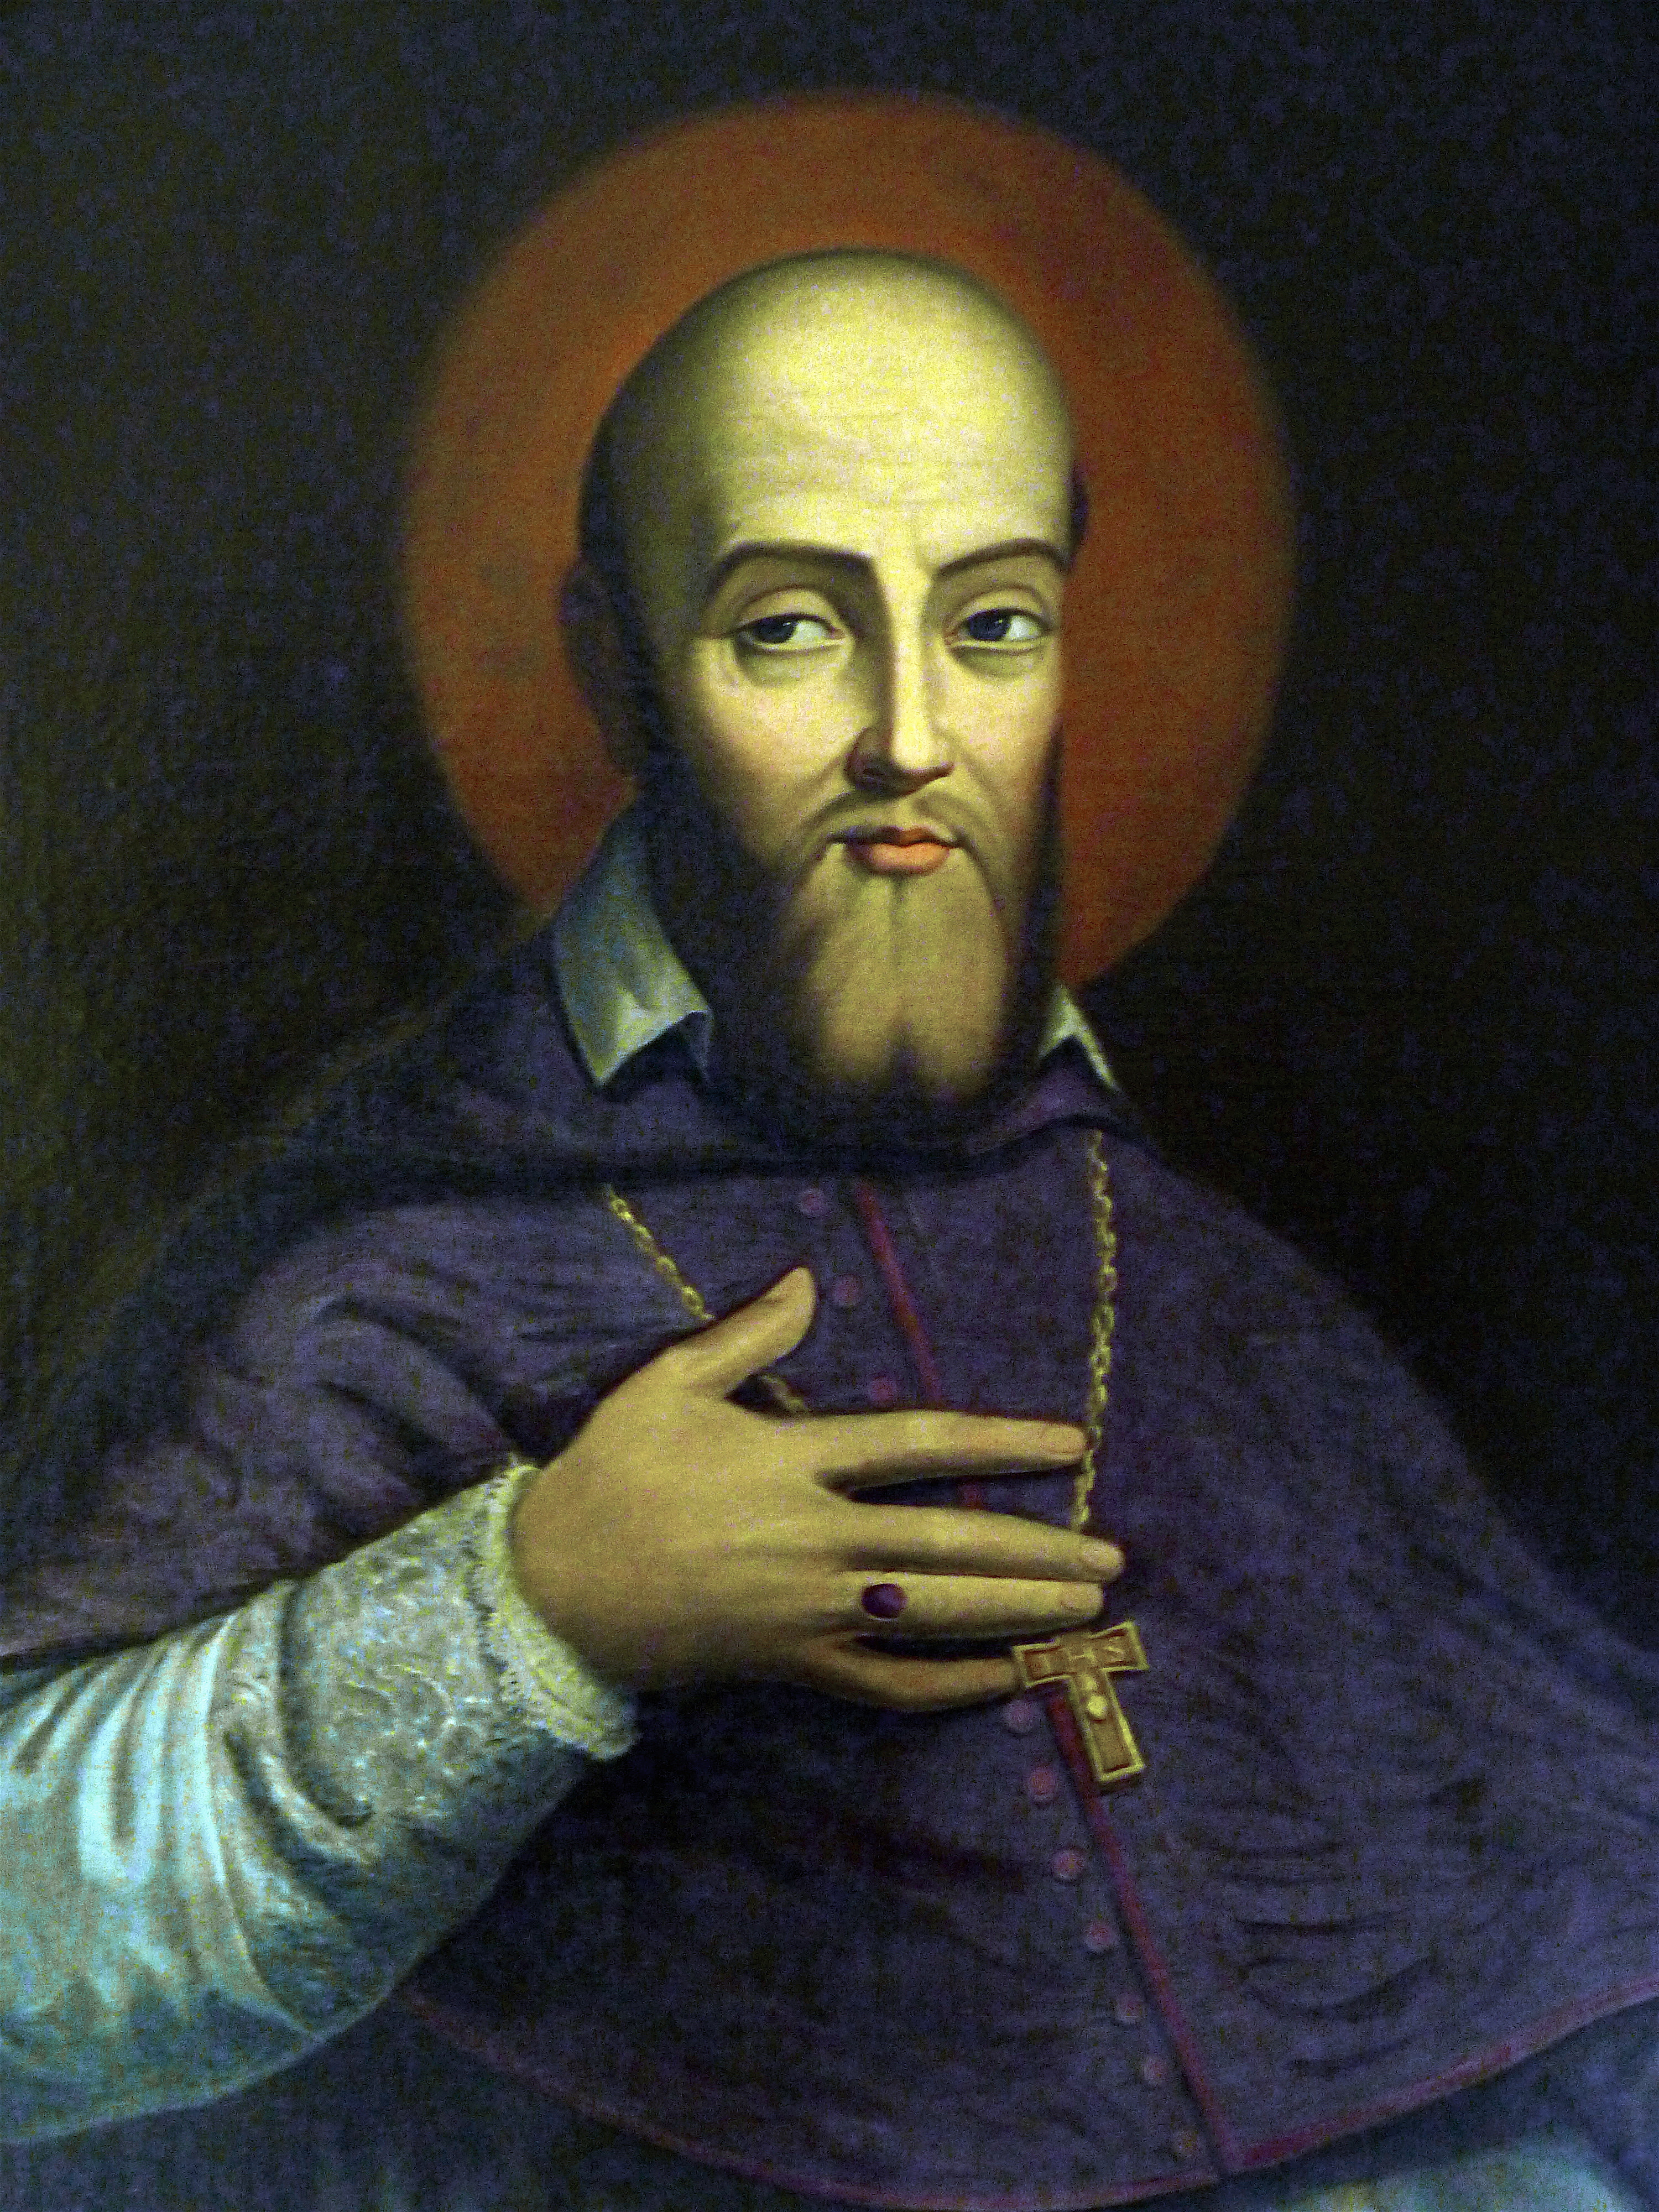 saint francisis desales quote for valentines day - St Francis de Sales